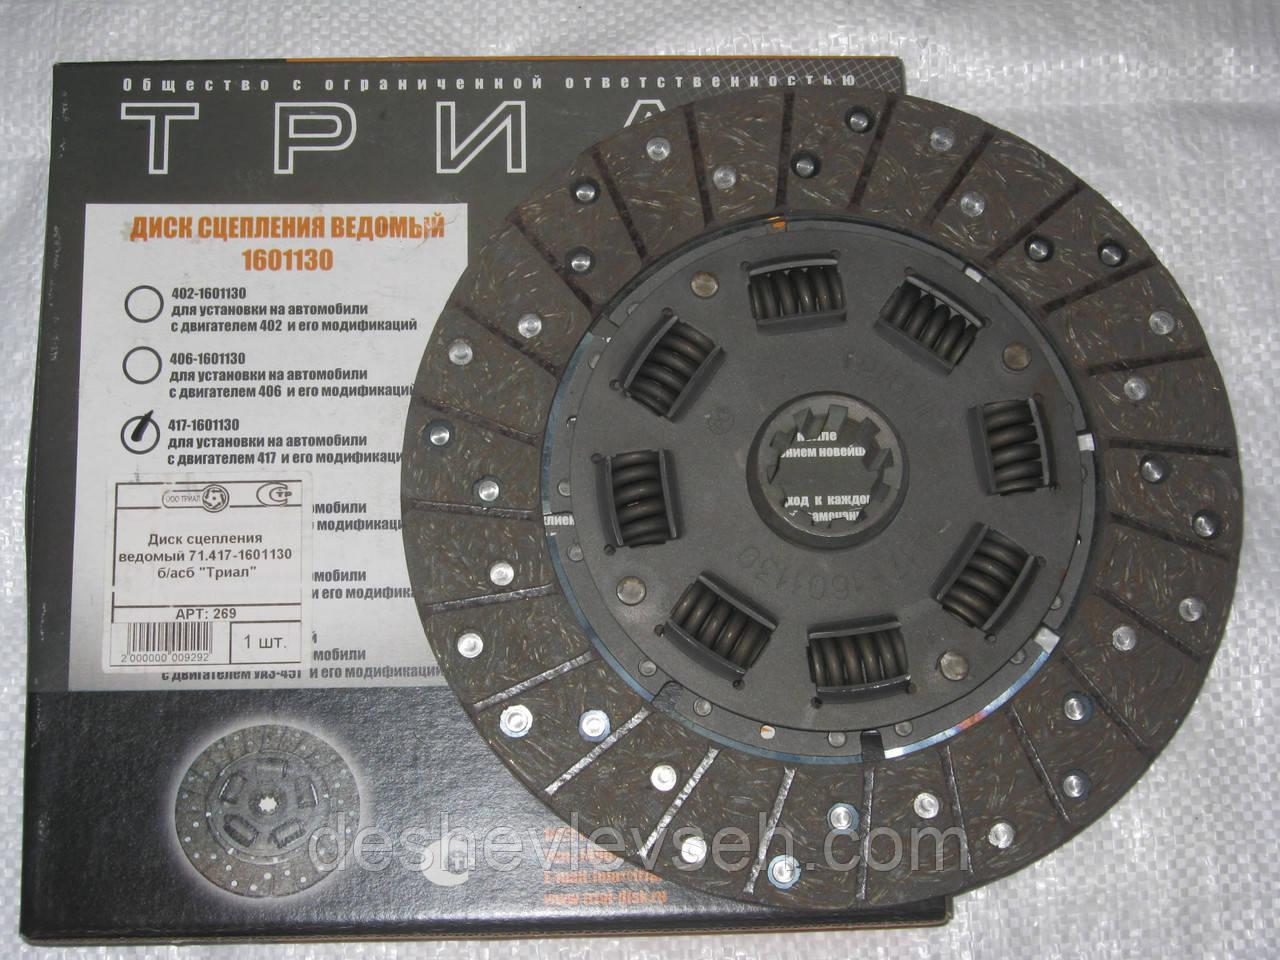 Диск сцепления УАЗ-417 (4 ступ) ТРИАЛ, 417-1601130 (ТРИАЛ)